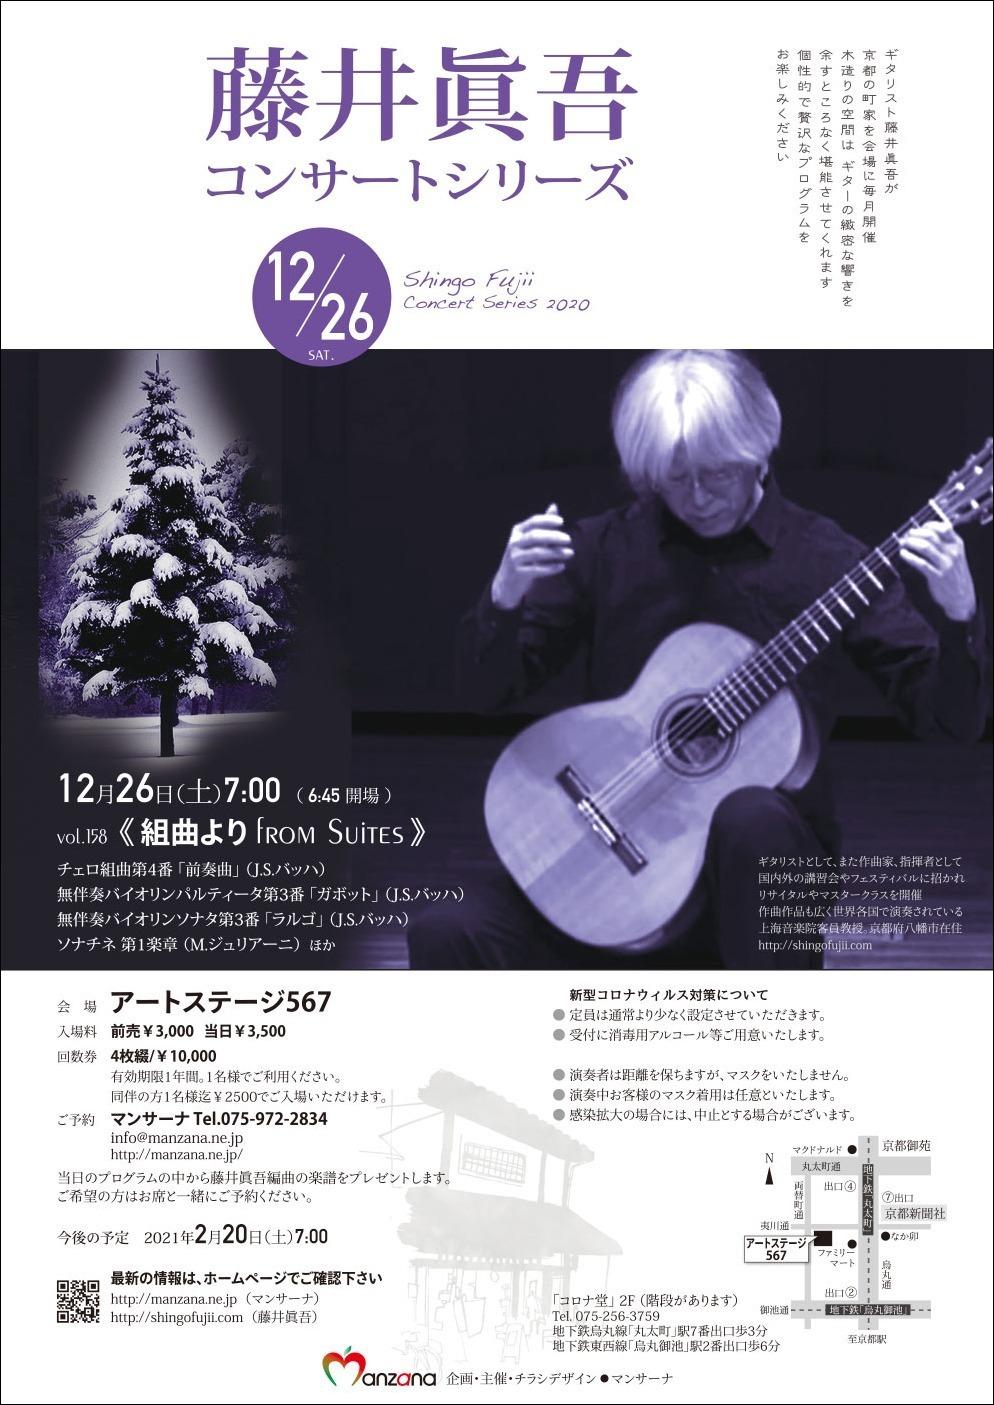 12月26日藤井眞吾コンサートシリーズ開催します_e0103327_11003156.jpg